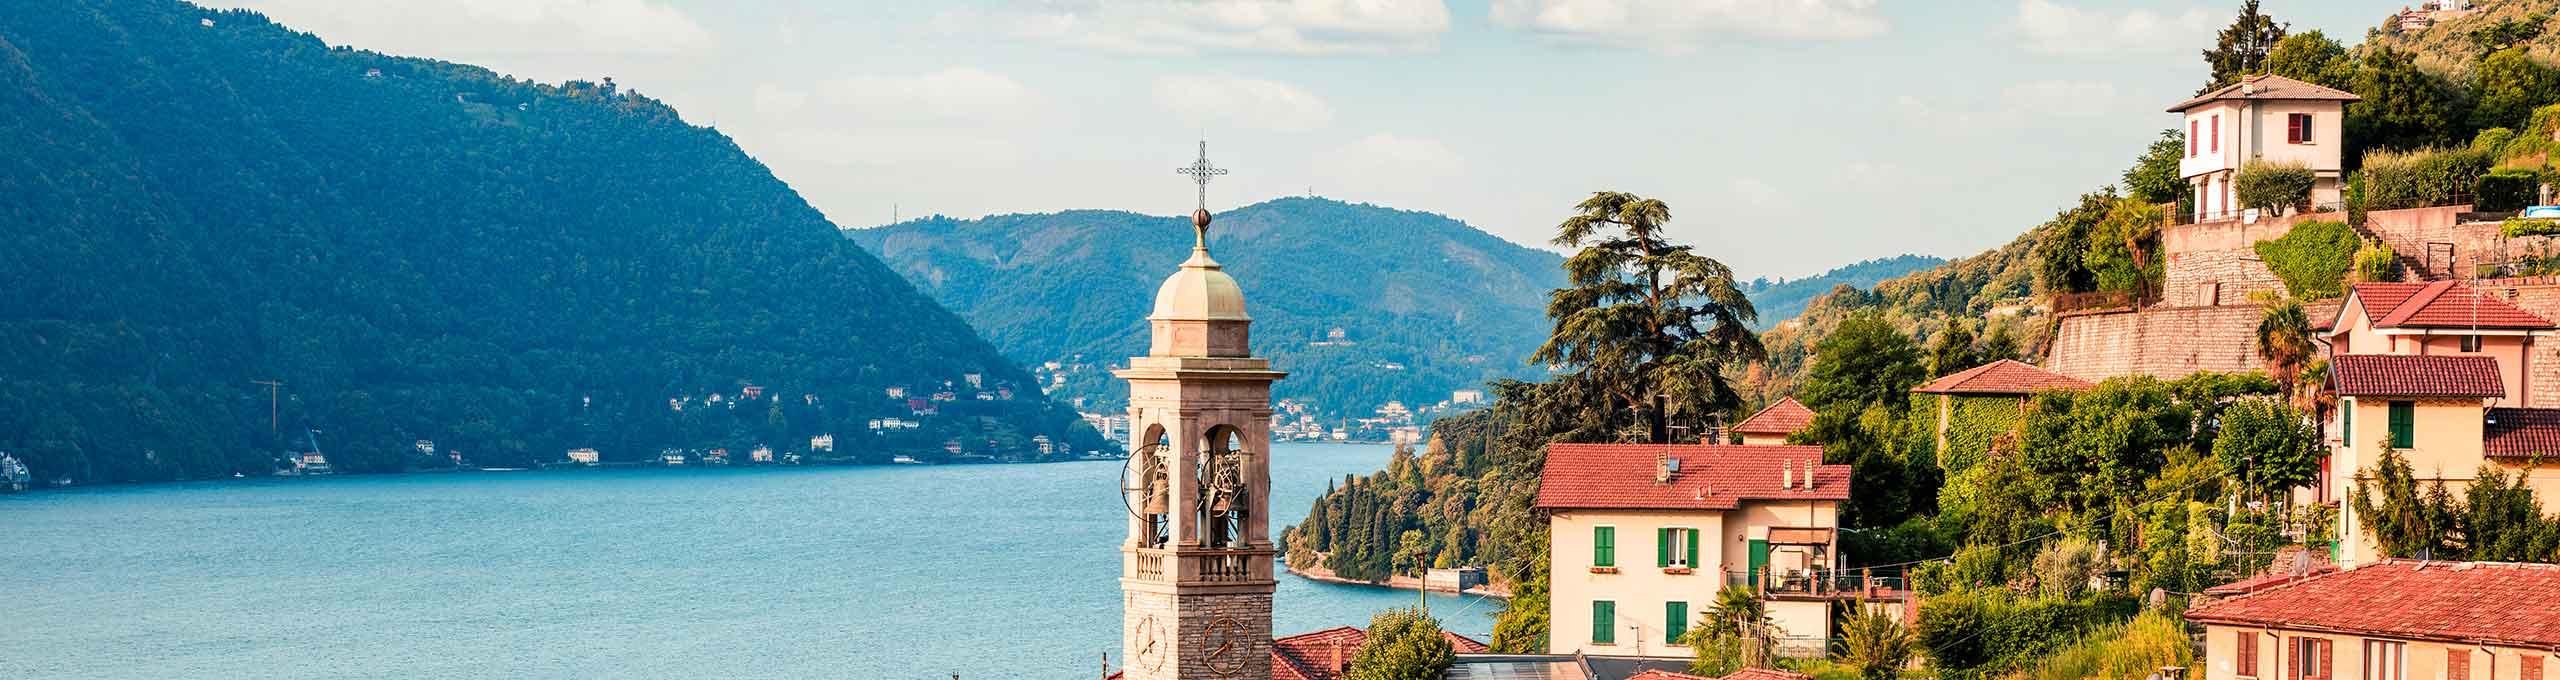 Moltrasio, Lago di Como